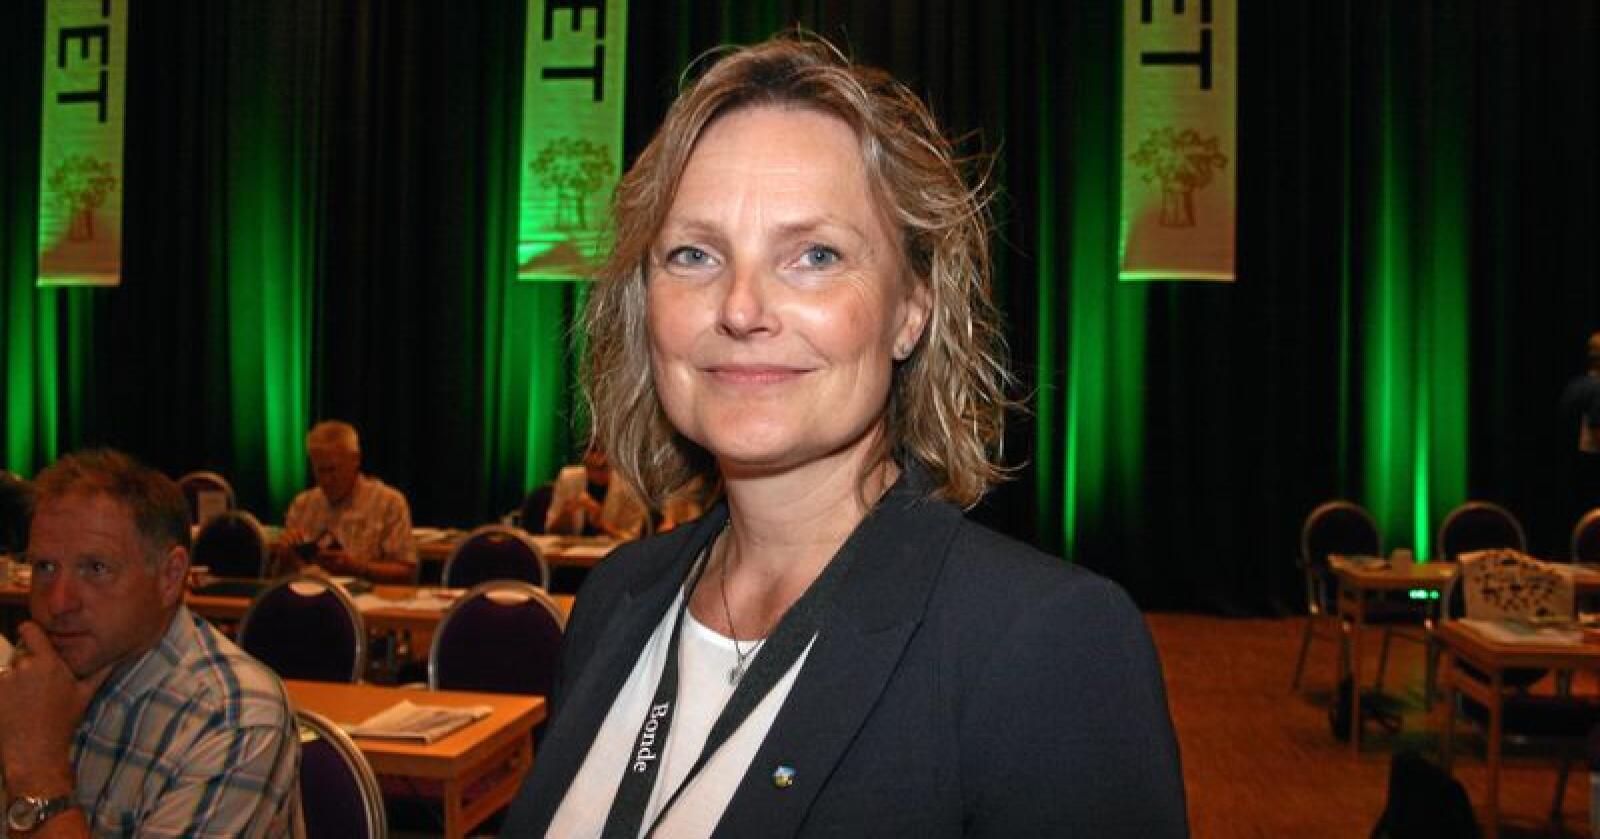 Innstilling: Trine Hasvang Vaag er innstilt for attval som styreleiar i Nortura av valkomiteen. Foto: Bjarne Bekkeheien Aase